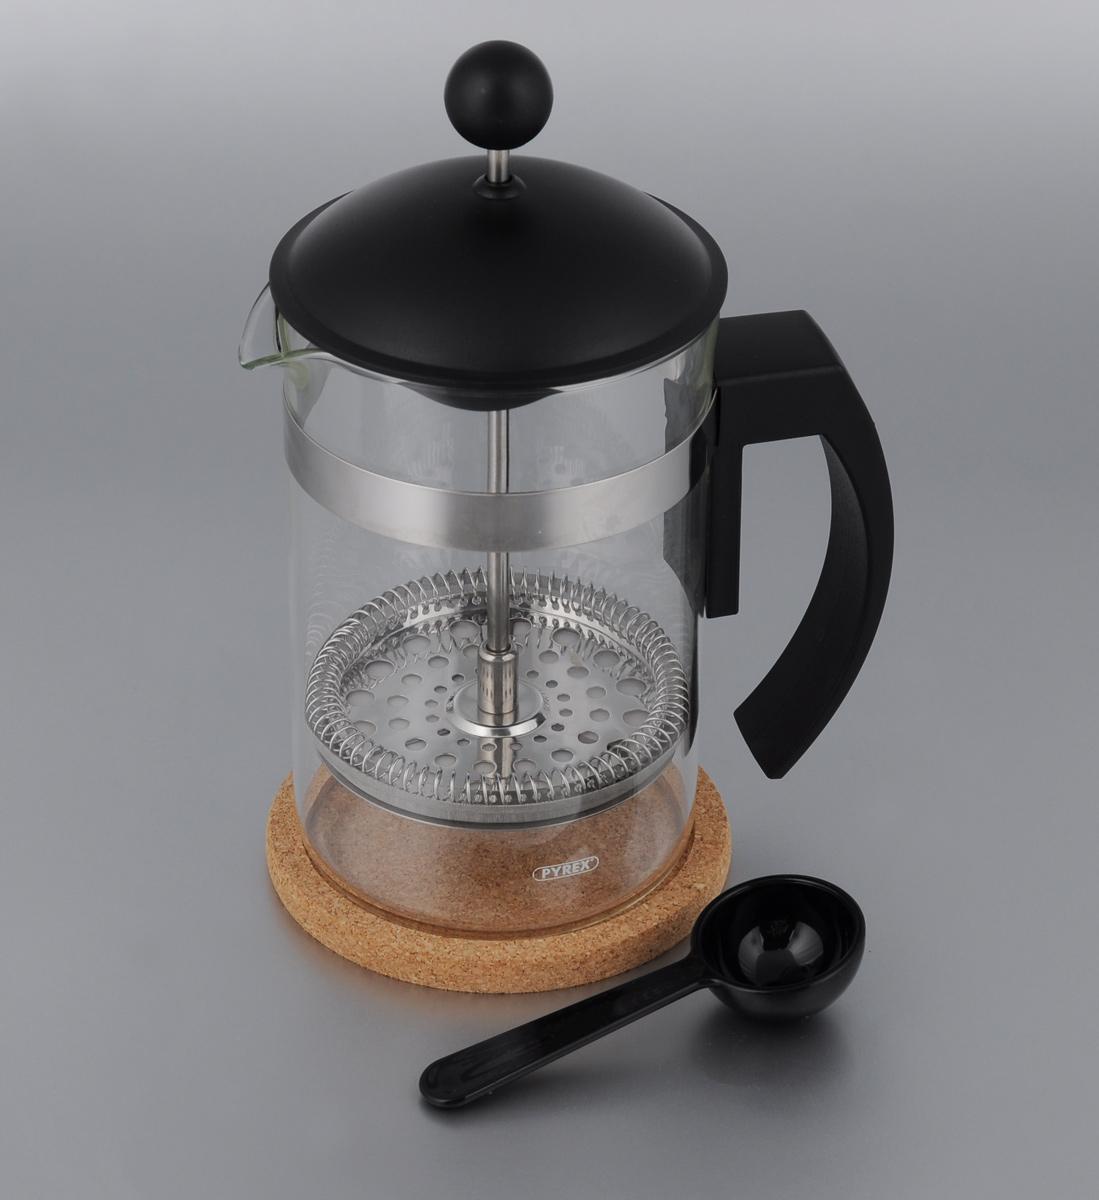 Френч-пресс Vitesse, с мерной ложкой, с подставкой, 850 млVS-1660 NEWФренч-пресс Vitesse поможет вам в приготовлении ароматного кофе или чая.Колба выполнена из термостойкого стекла, что позволяет наблюдать процесс настаивания и заваривания напитка, а также обеспечивает гигиеничность посуды. Внешний корпус, выполненный из нержавеющей стали, долговечен, прочен и устойчив к деформации и образованию царапин. Френч-пресс имеет удобную ручку, носик, а также мерную ложку, выполненную из пластика.Уникальный дизайн полностью соответствует последним модным тенденциям в создании предметов бытовой техники. В комплект входит пробковая подставка, которая обеспечит безопасное использование френч-пресса. Можно использовать в посудомоечной машине.Высота френч-пресса (без учета крышки): 15,5 см. Диаметр основания: 9 см. Диаметр (по верхнему краю): 9,5 см.Объем кофеварки: 850 мл.Длина ложки: 11 см.Размер подставки: 11 х 11 х 0,9 см.